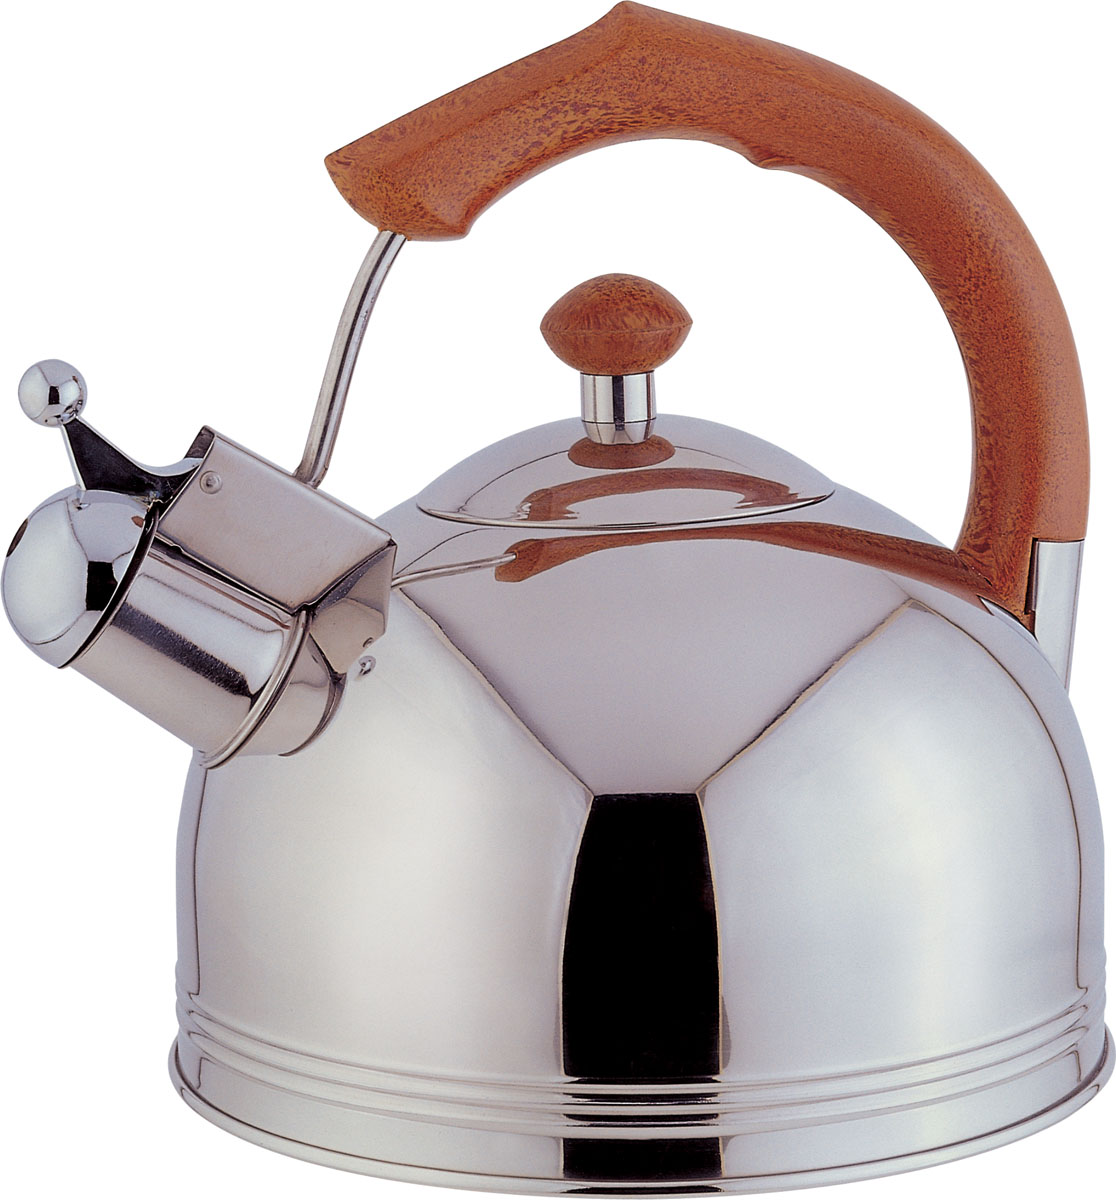 Чайник Bekker Koch со свистком, 3 л. BK-S31794672Чайник Bekker Koch выполнен из высококачественной нержавеющей стали, что обеспечивает долговечность использования. Внешнее зеркальное покрытие придает приятный внешний вид. Пластиковая фиксированная ручка делает использование чайника очень удобным и безопасным. Чайник снабжен свистком и устройством для открывания носика. Изделие оснащено капсулированным дном для лучшего распространения тепла.Можно мыть в посудомоечной машине. Пригоден для всех видов плит кроме индукционных. Высота чайника (без учета крышки и ручки): 11,5 см.Диаметр основания: 20 см. Толщина стенки: 3 мм.